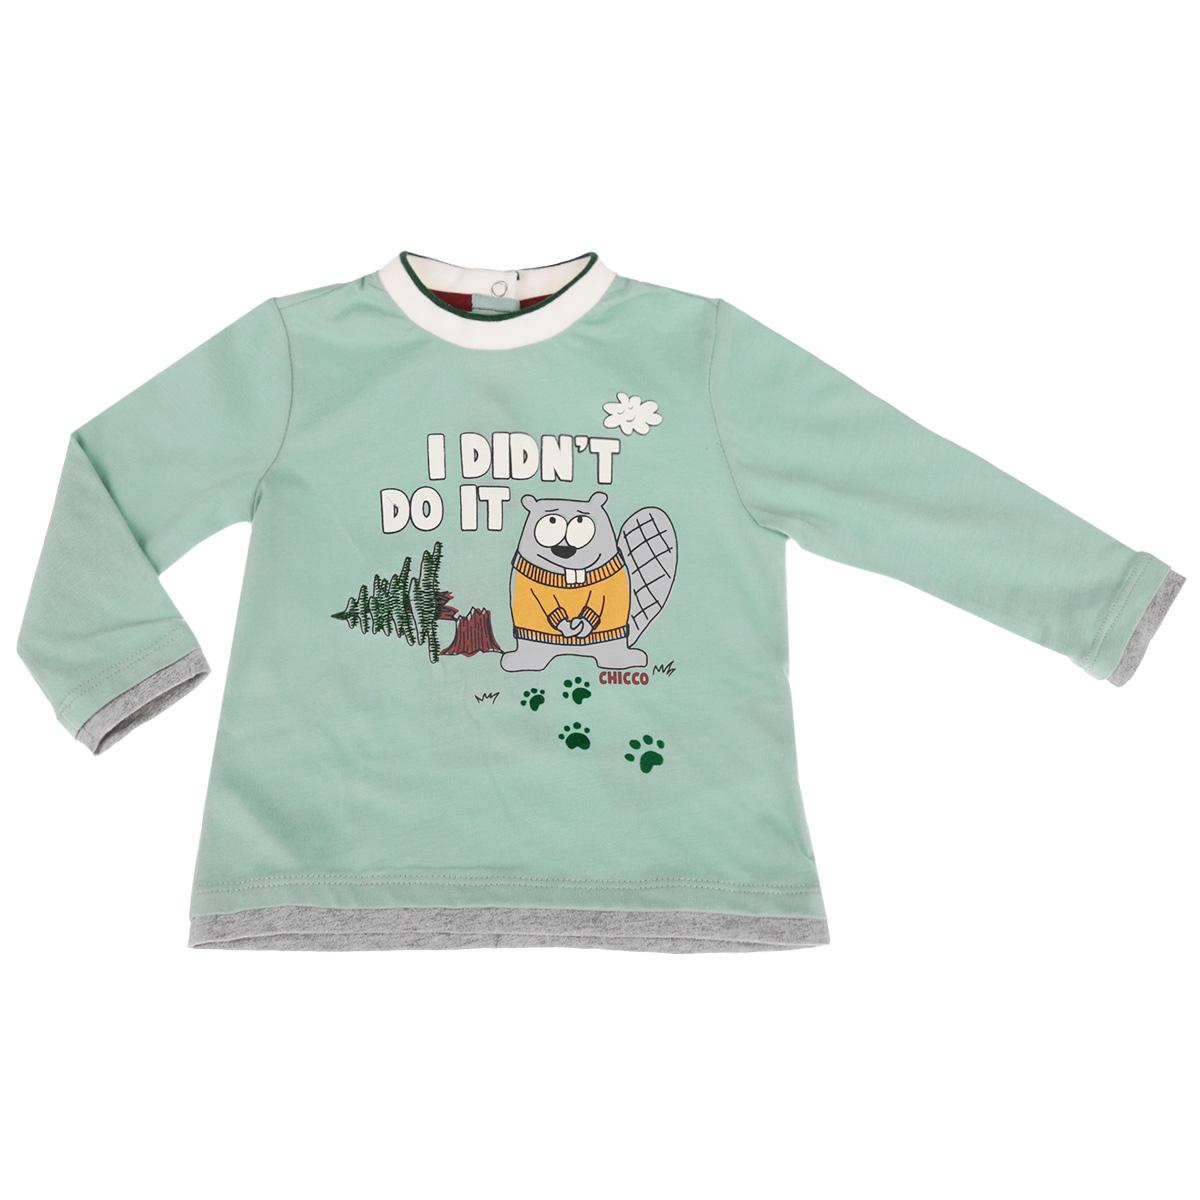 Лонгслив90478330Стильная футболка с длинным рукавом для мальчика Chicco идеально подойдет вашему ребенку. Изготовленная из натурального хлопка, она мягкая и приятная на ощупь, не сковывает движения и позволяет коже дышать, не раздражает даже самую нежную и чувствительную кожу ребенка, обеспечивая наибольший комфорт. Футболка с длинными рукавами и небольшим воротником-стоечкой по спинке застегивается на три металлические застежки-кнопки, что помогает с легкостью переодеть ребенка. Модель оформлена термоаппликацией с изображением забавного бобра, вышитой елочкой, а также рельефными надписями на английском языке. Воротник дополнен трикотажной эластичной резинкой. Отделка рукавов и низа изделия придает эффект 2 в 1. Современный дизайн и модная расцветка делают эту футболку стильным предметом детского гардероба. В ней ваш маленький мужчина будет чувствовать себя уютно и комфортно, и всегда будет в центре внимания!